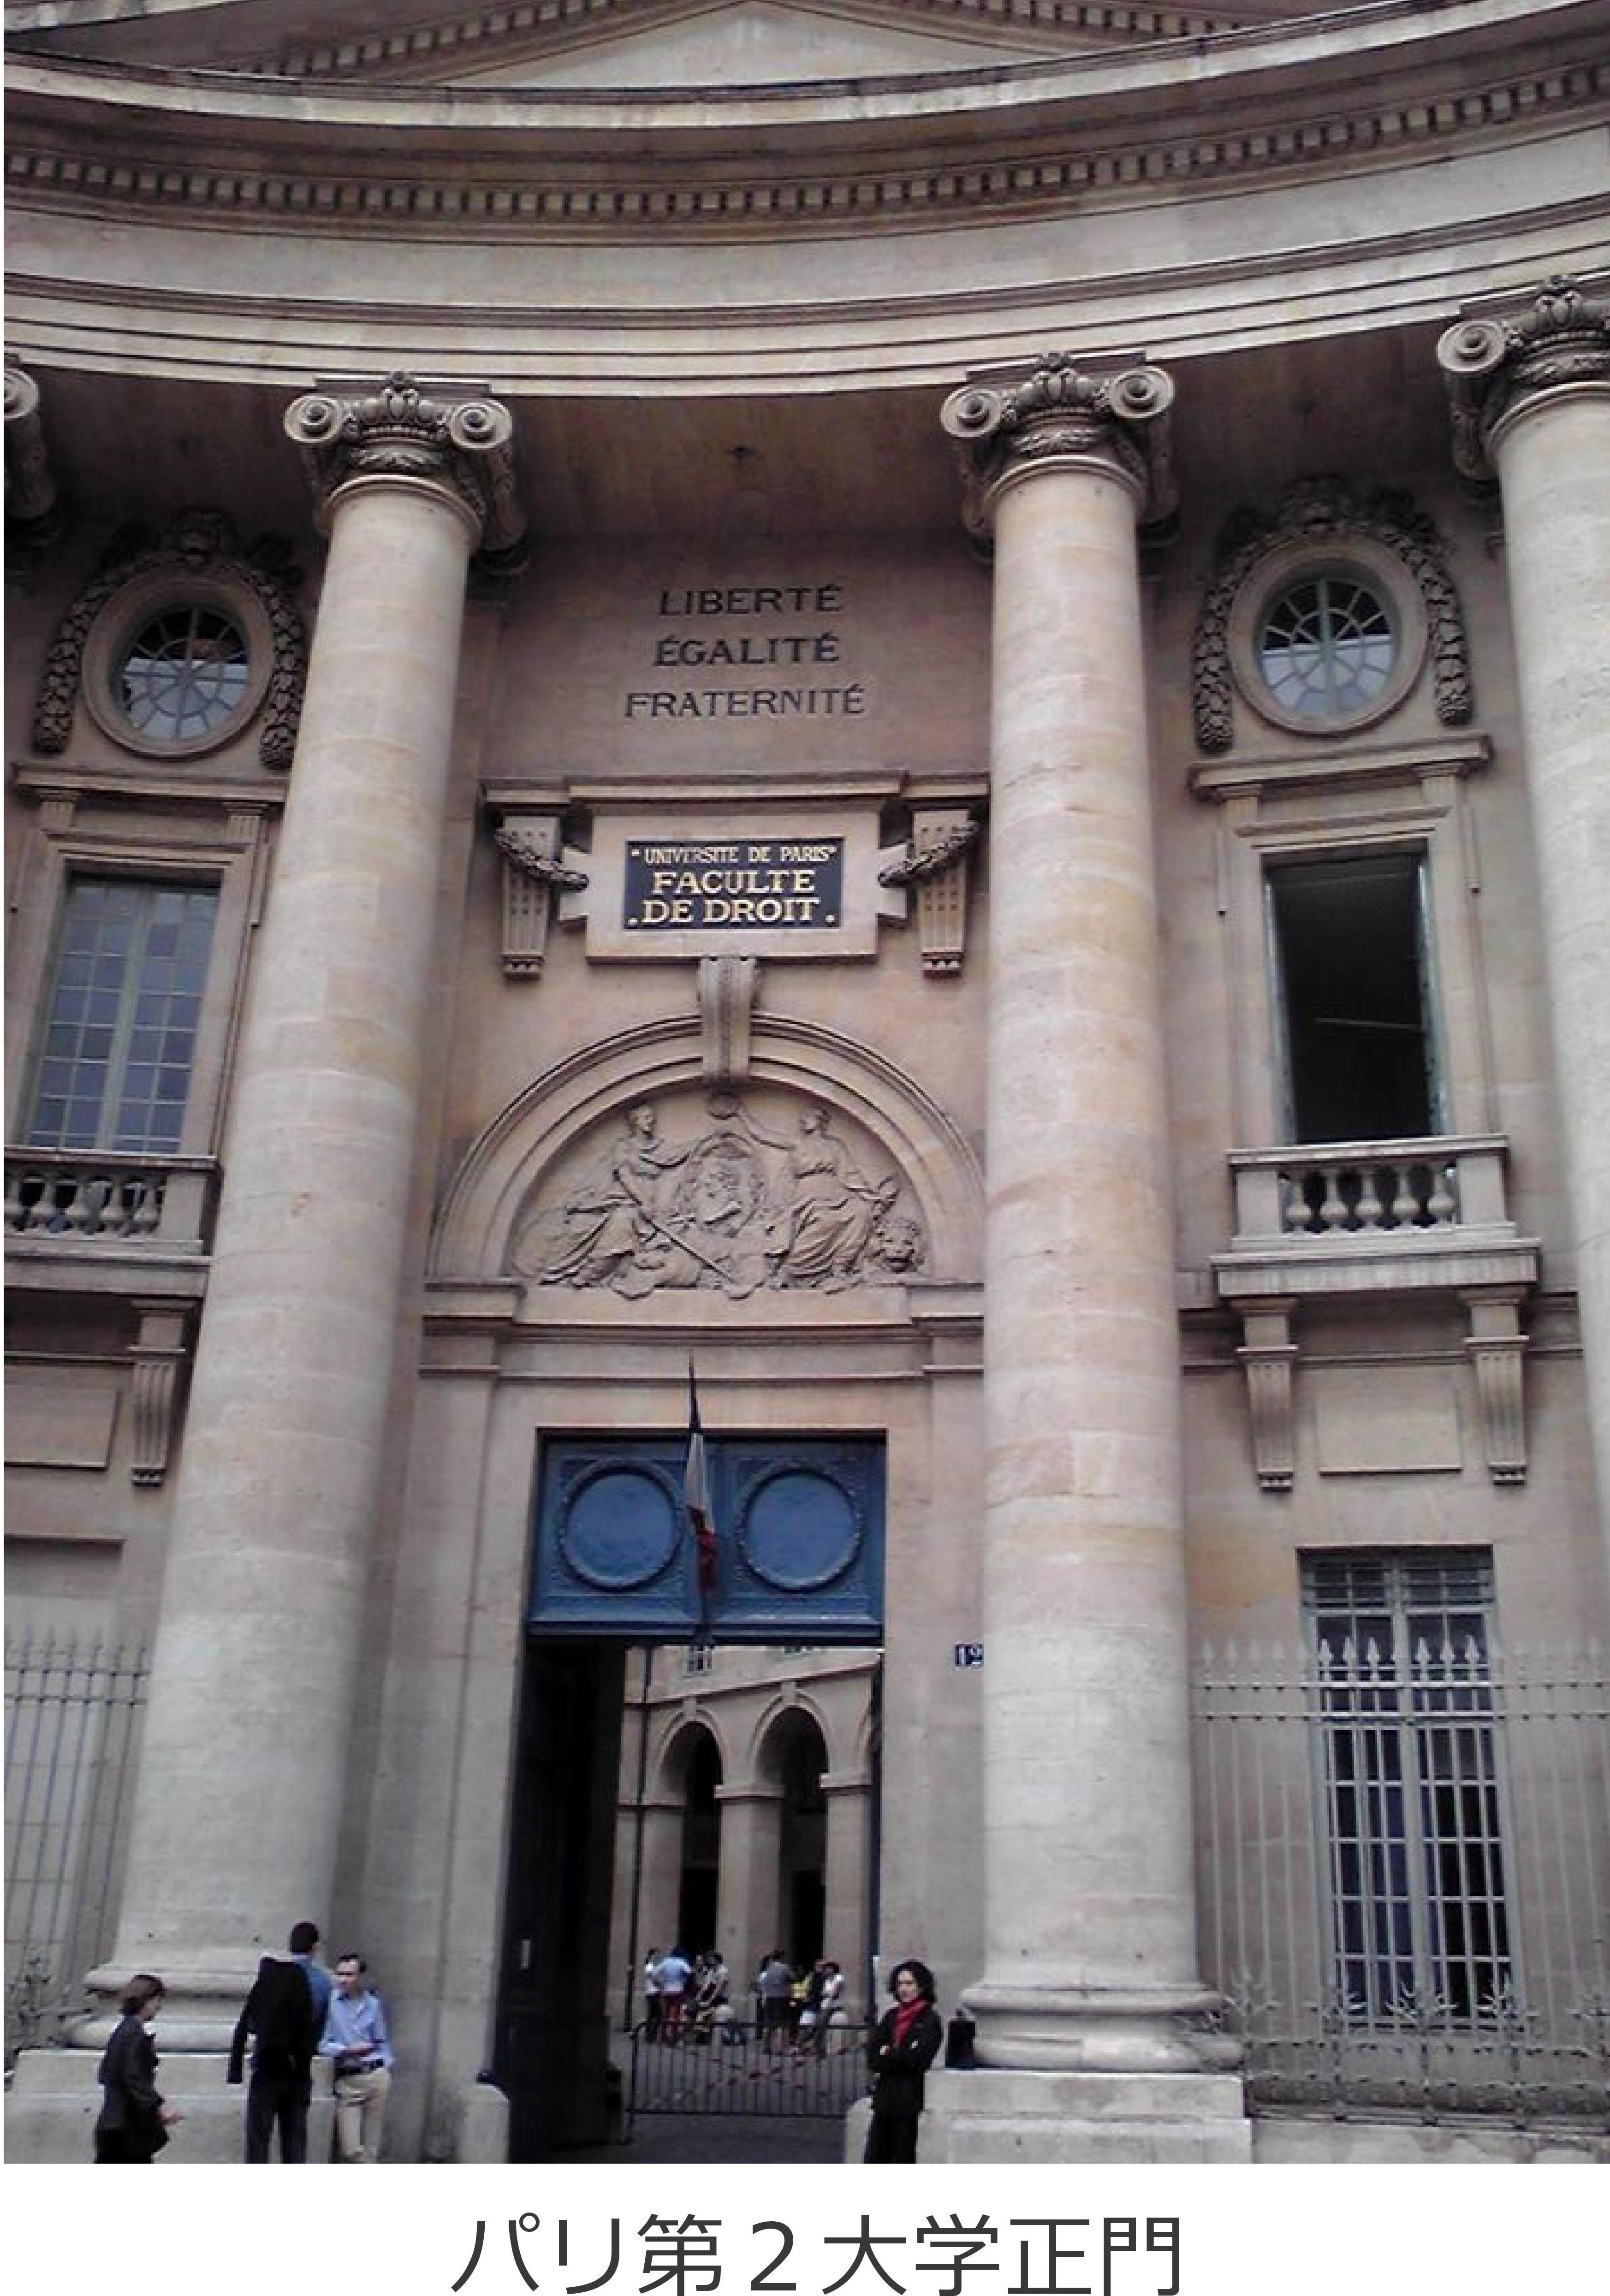 パリ第2大学正面